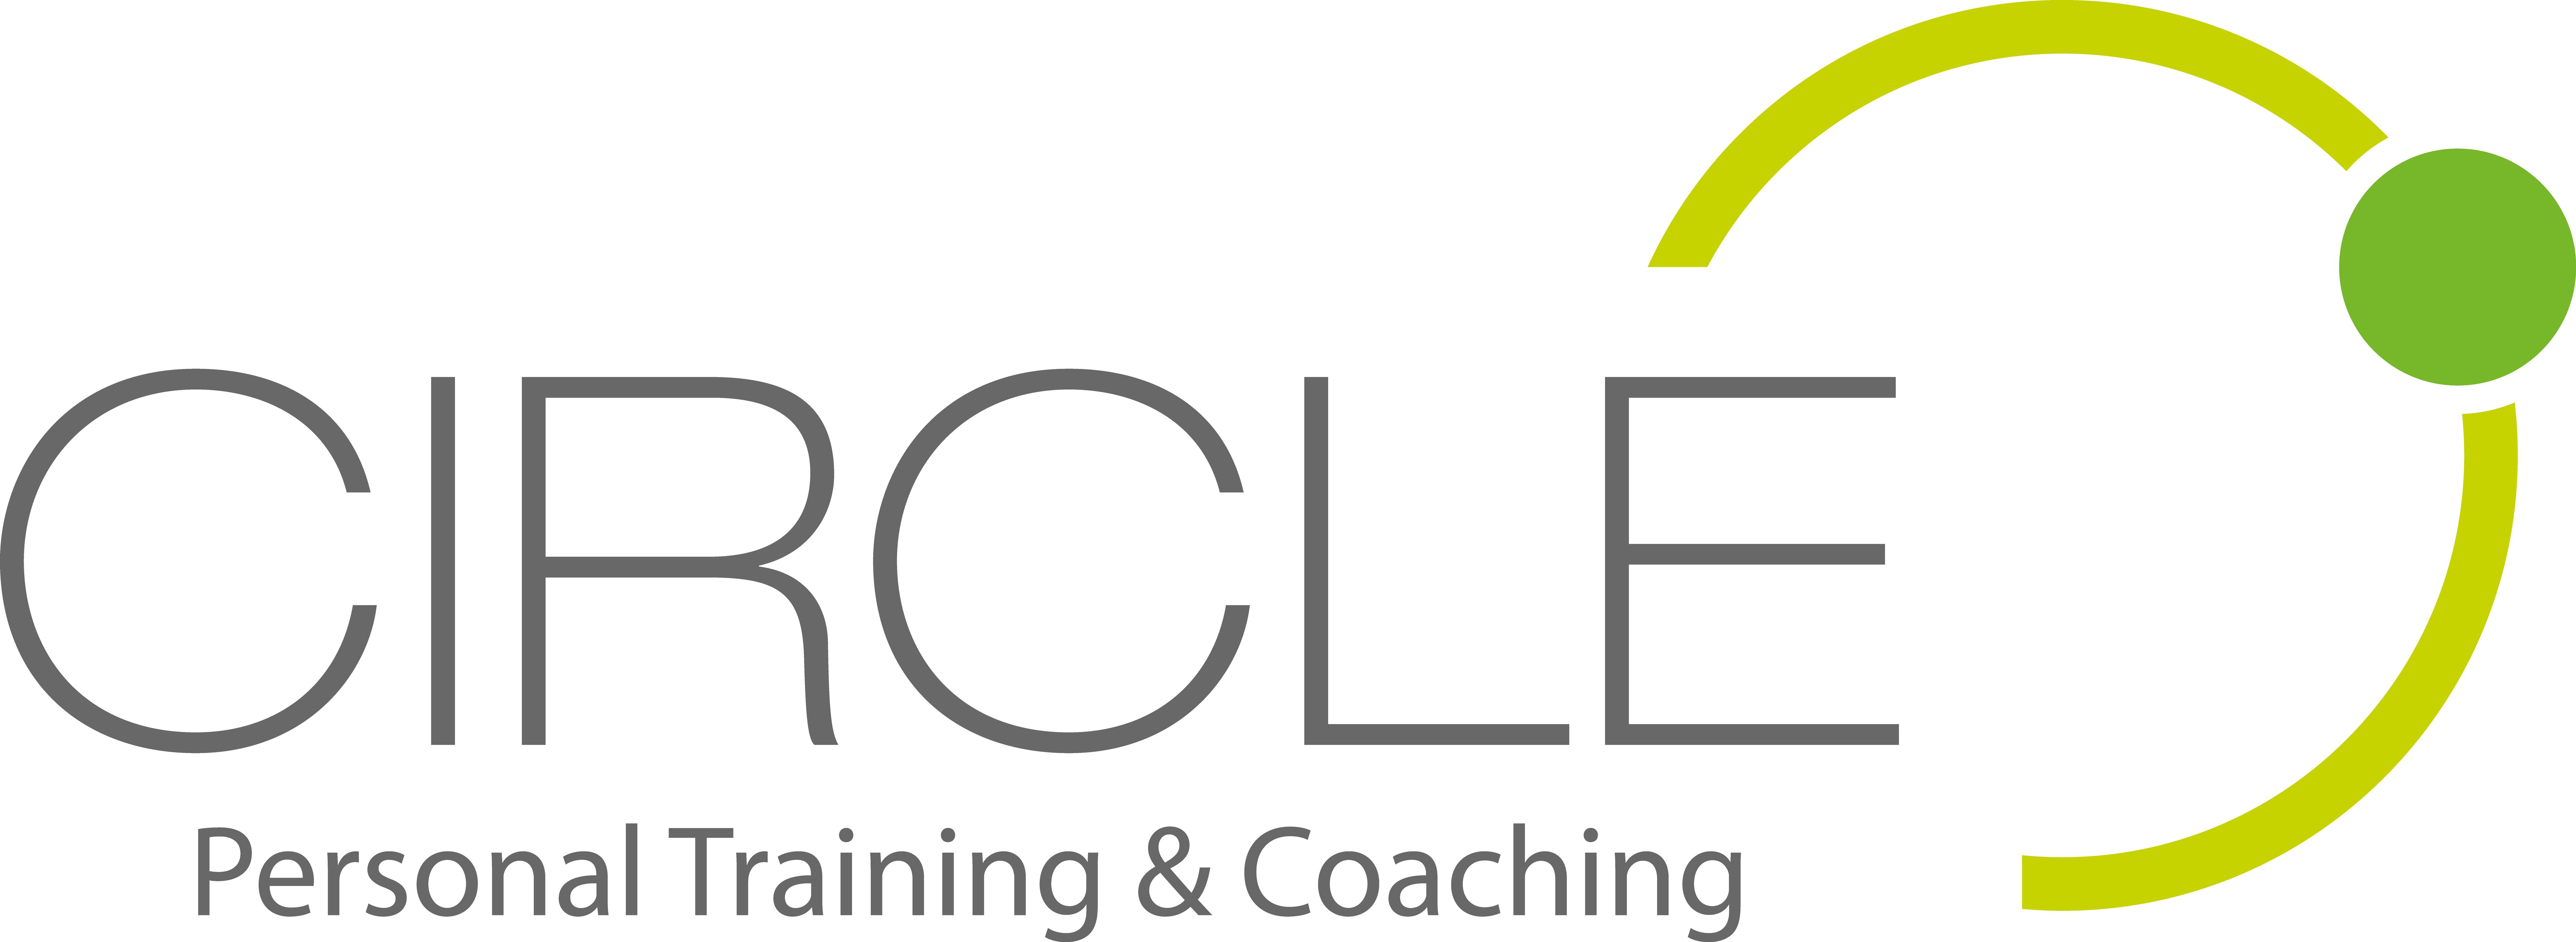 Circle-Coach